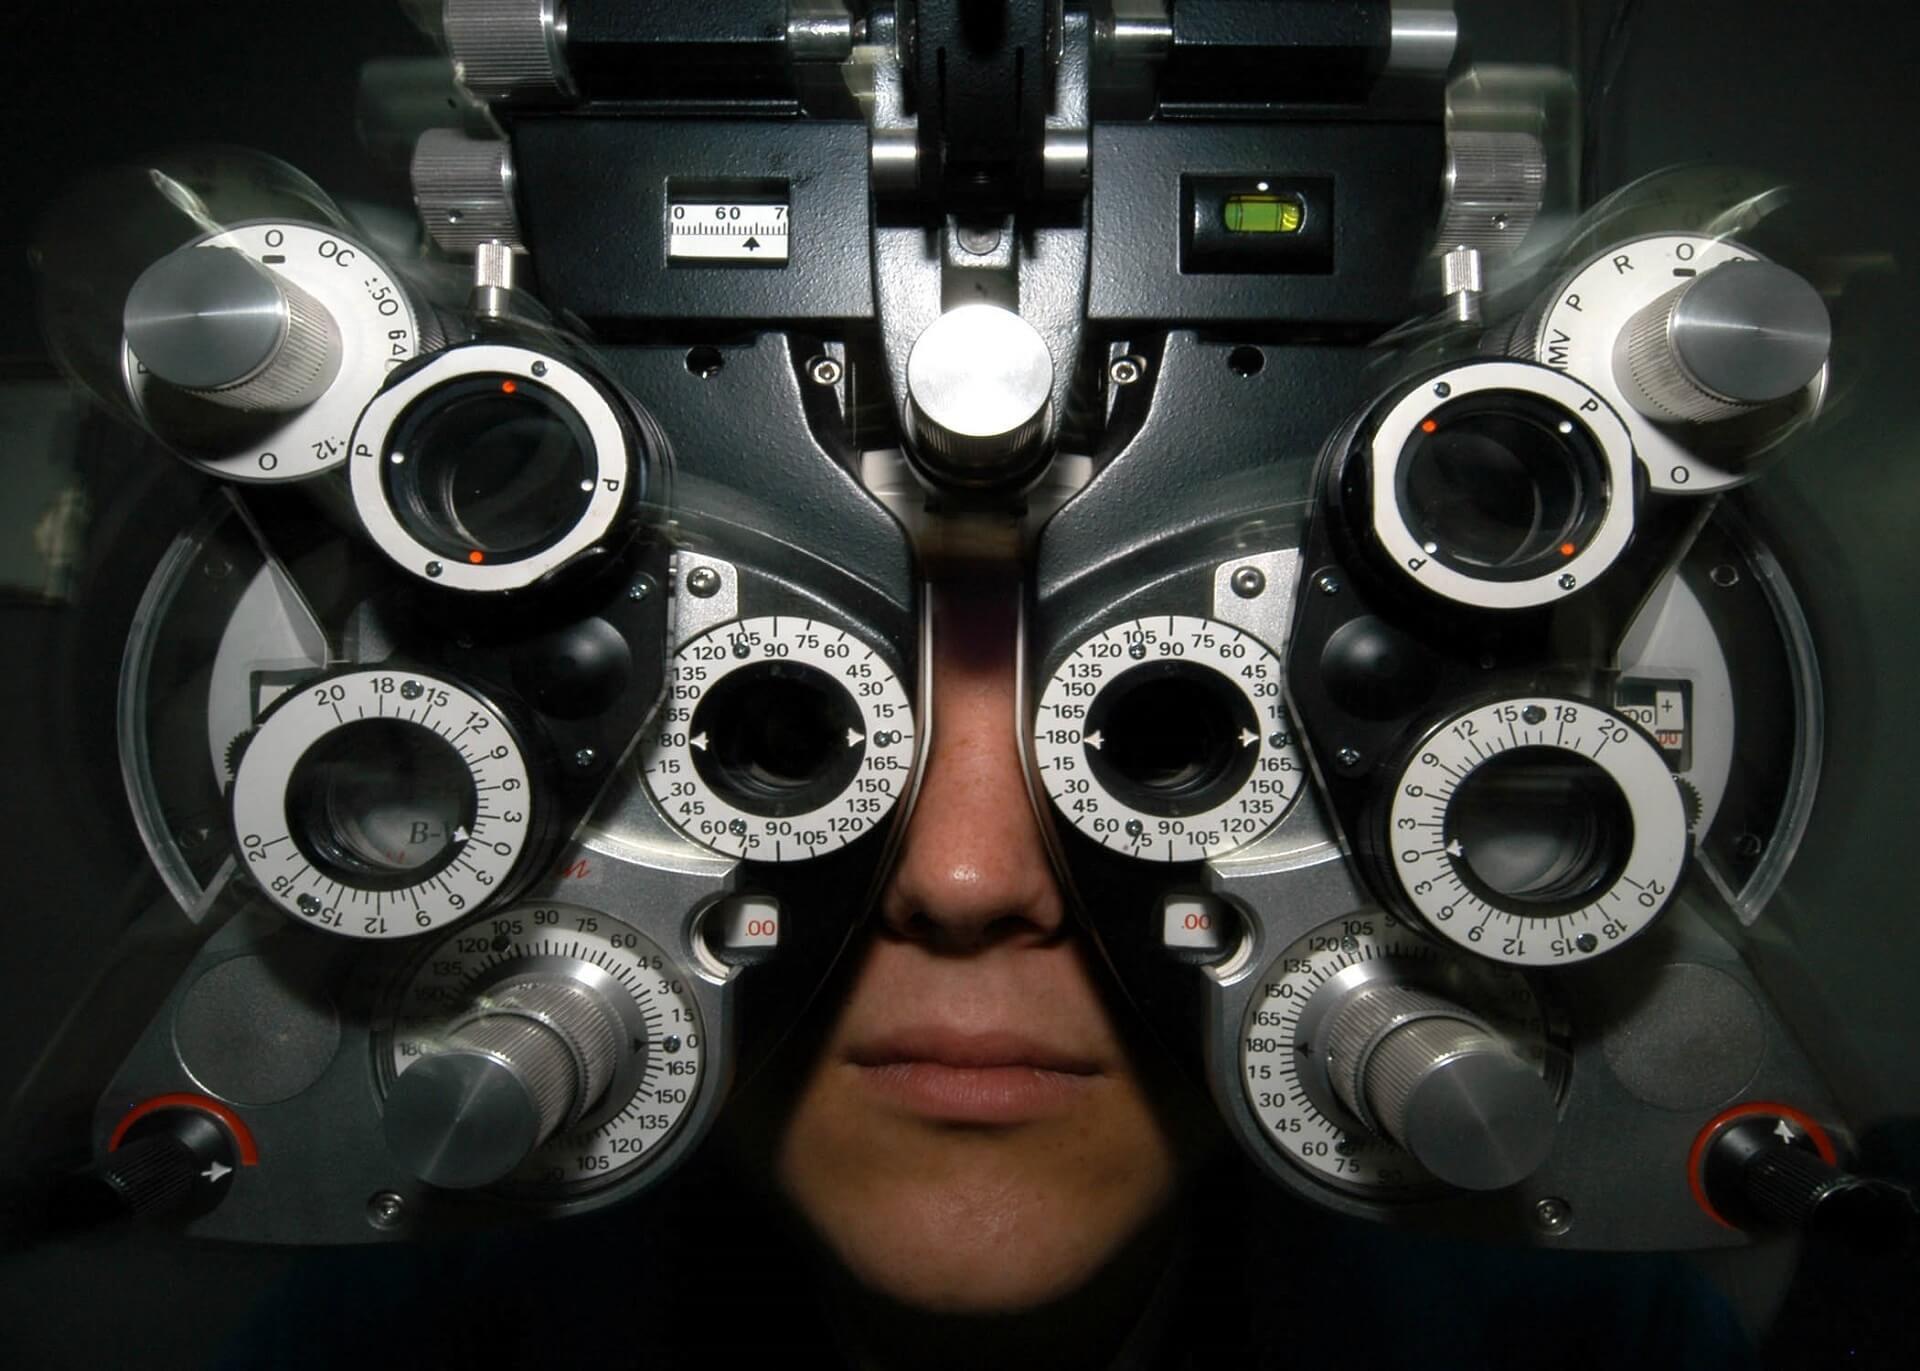 Sehtest beim Augenoptiker (c) skeeze / pixabay.de